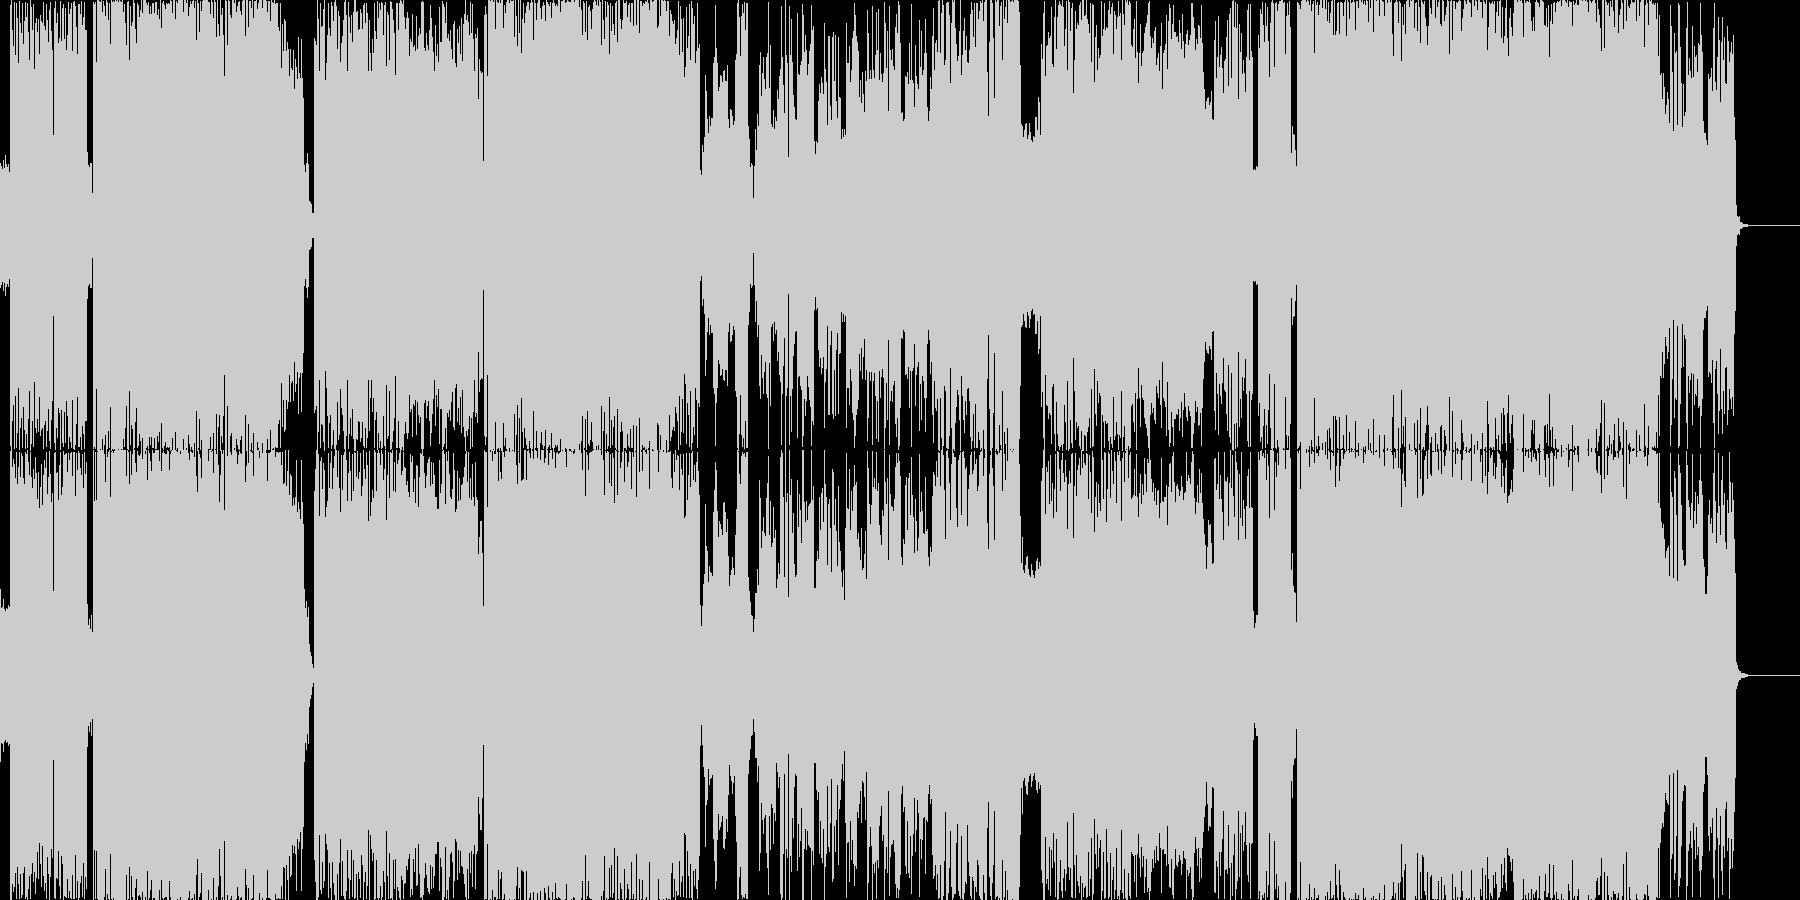 ダブステップが入った攻めのデジタルロックの未再生の波形